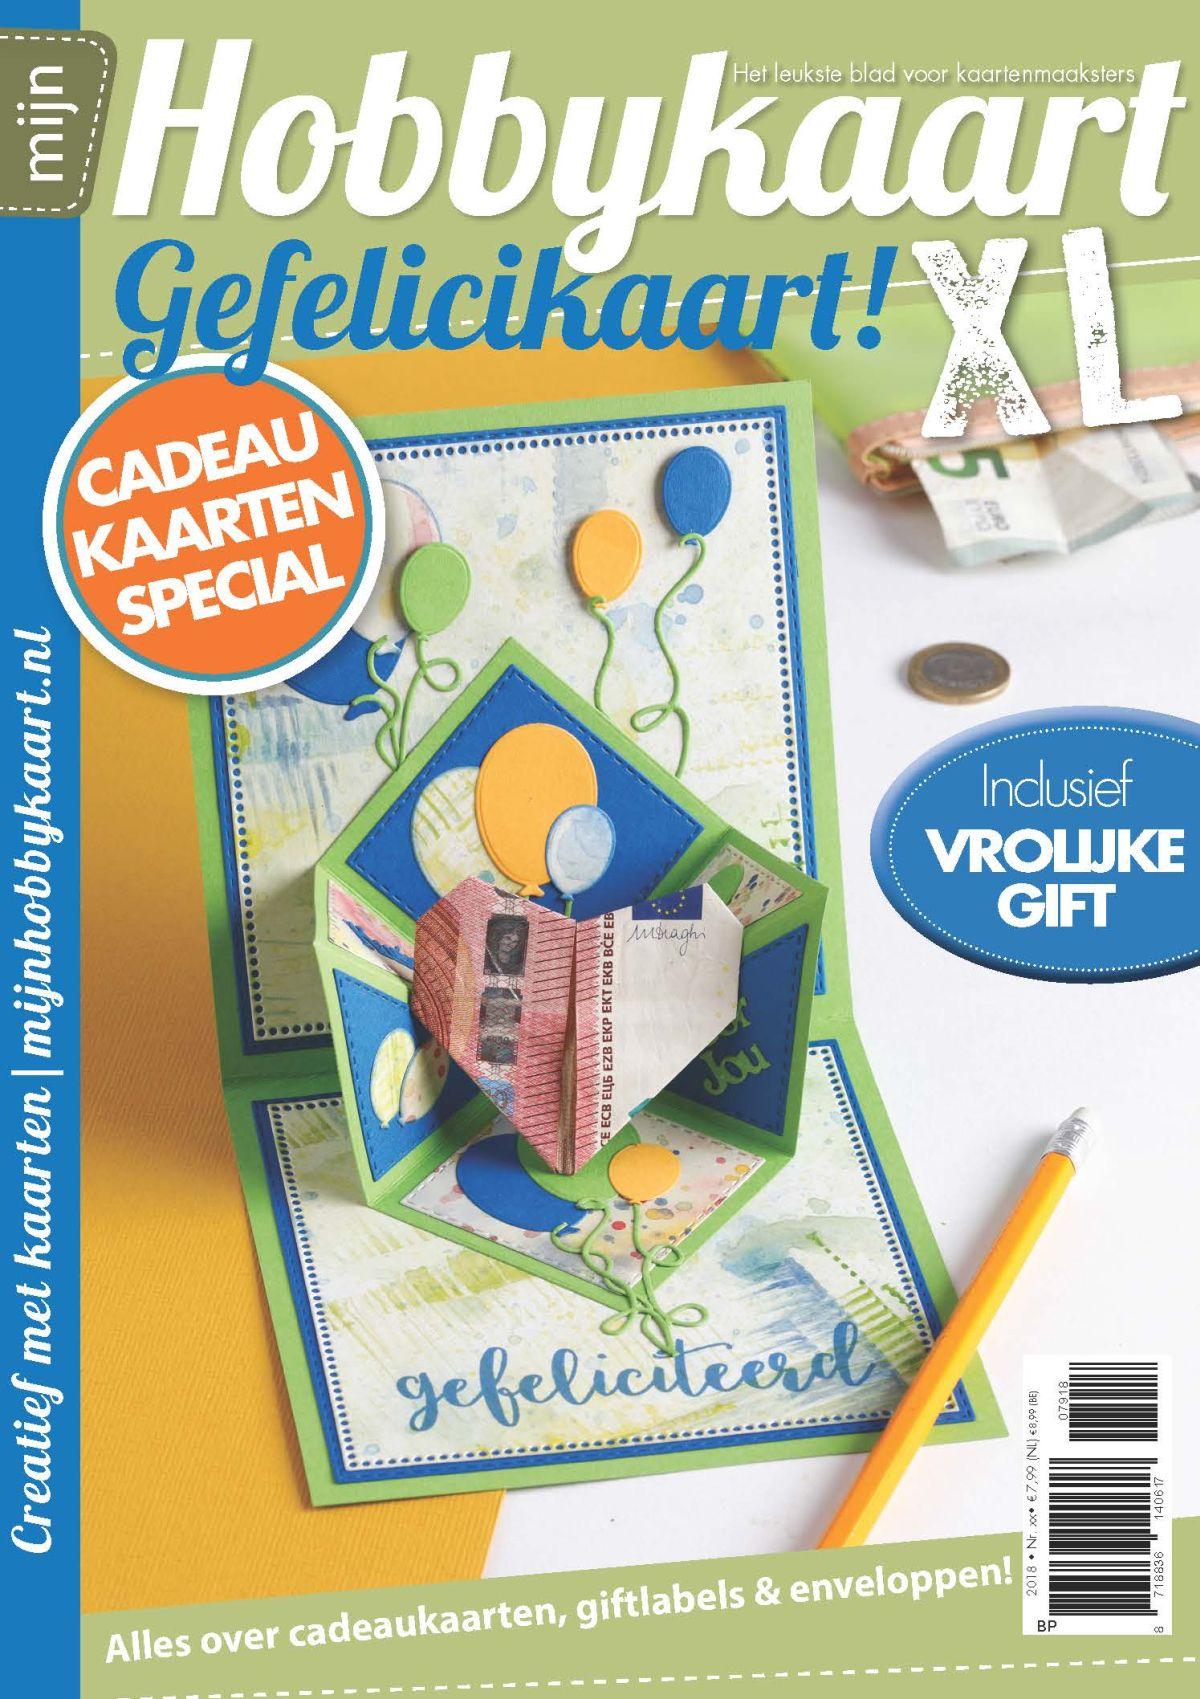 tijdelijke-cover-mhk85-gefelicikaart_v2_1200